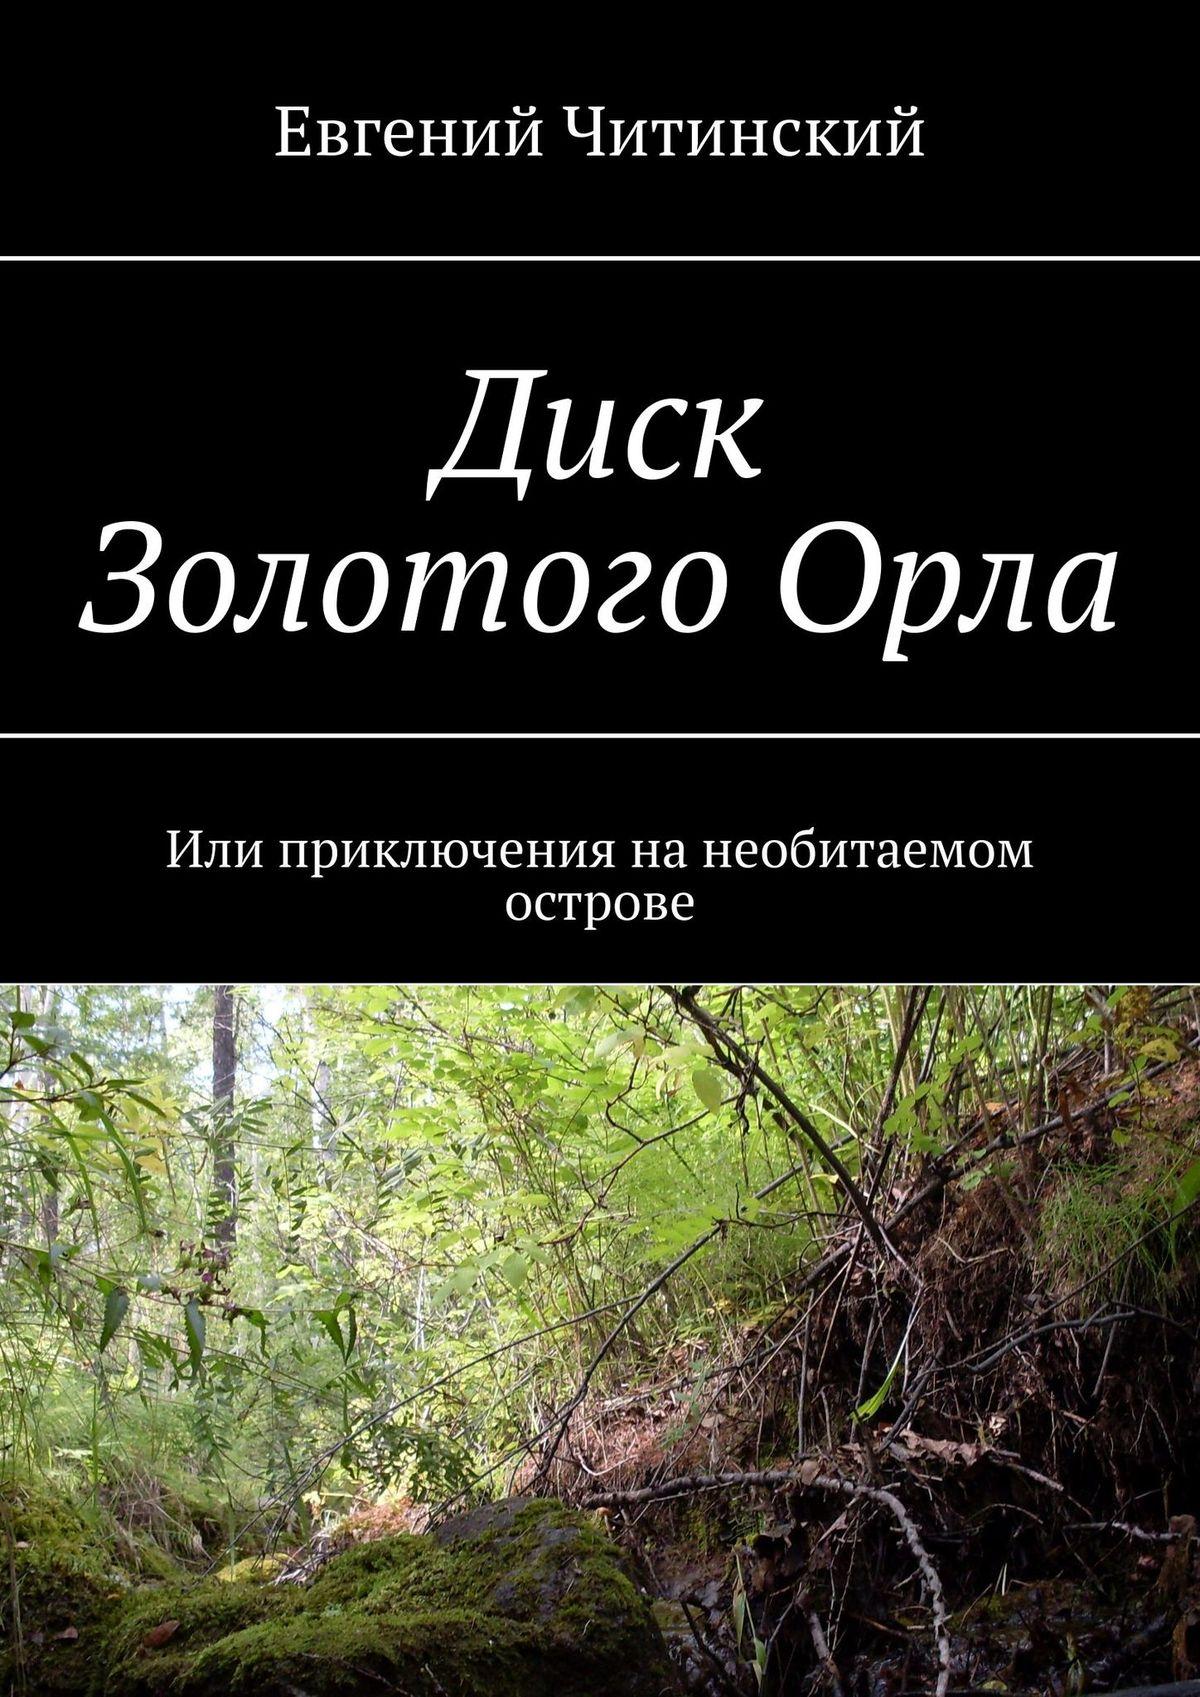 Евгений Читинский Диск Золотого Орла вокруг золотого острова 2018 07 18t19 00